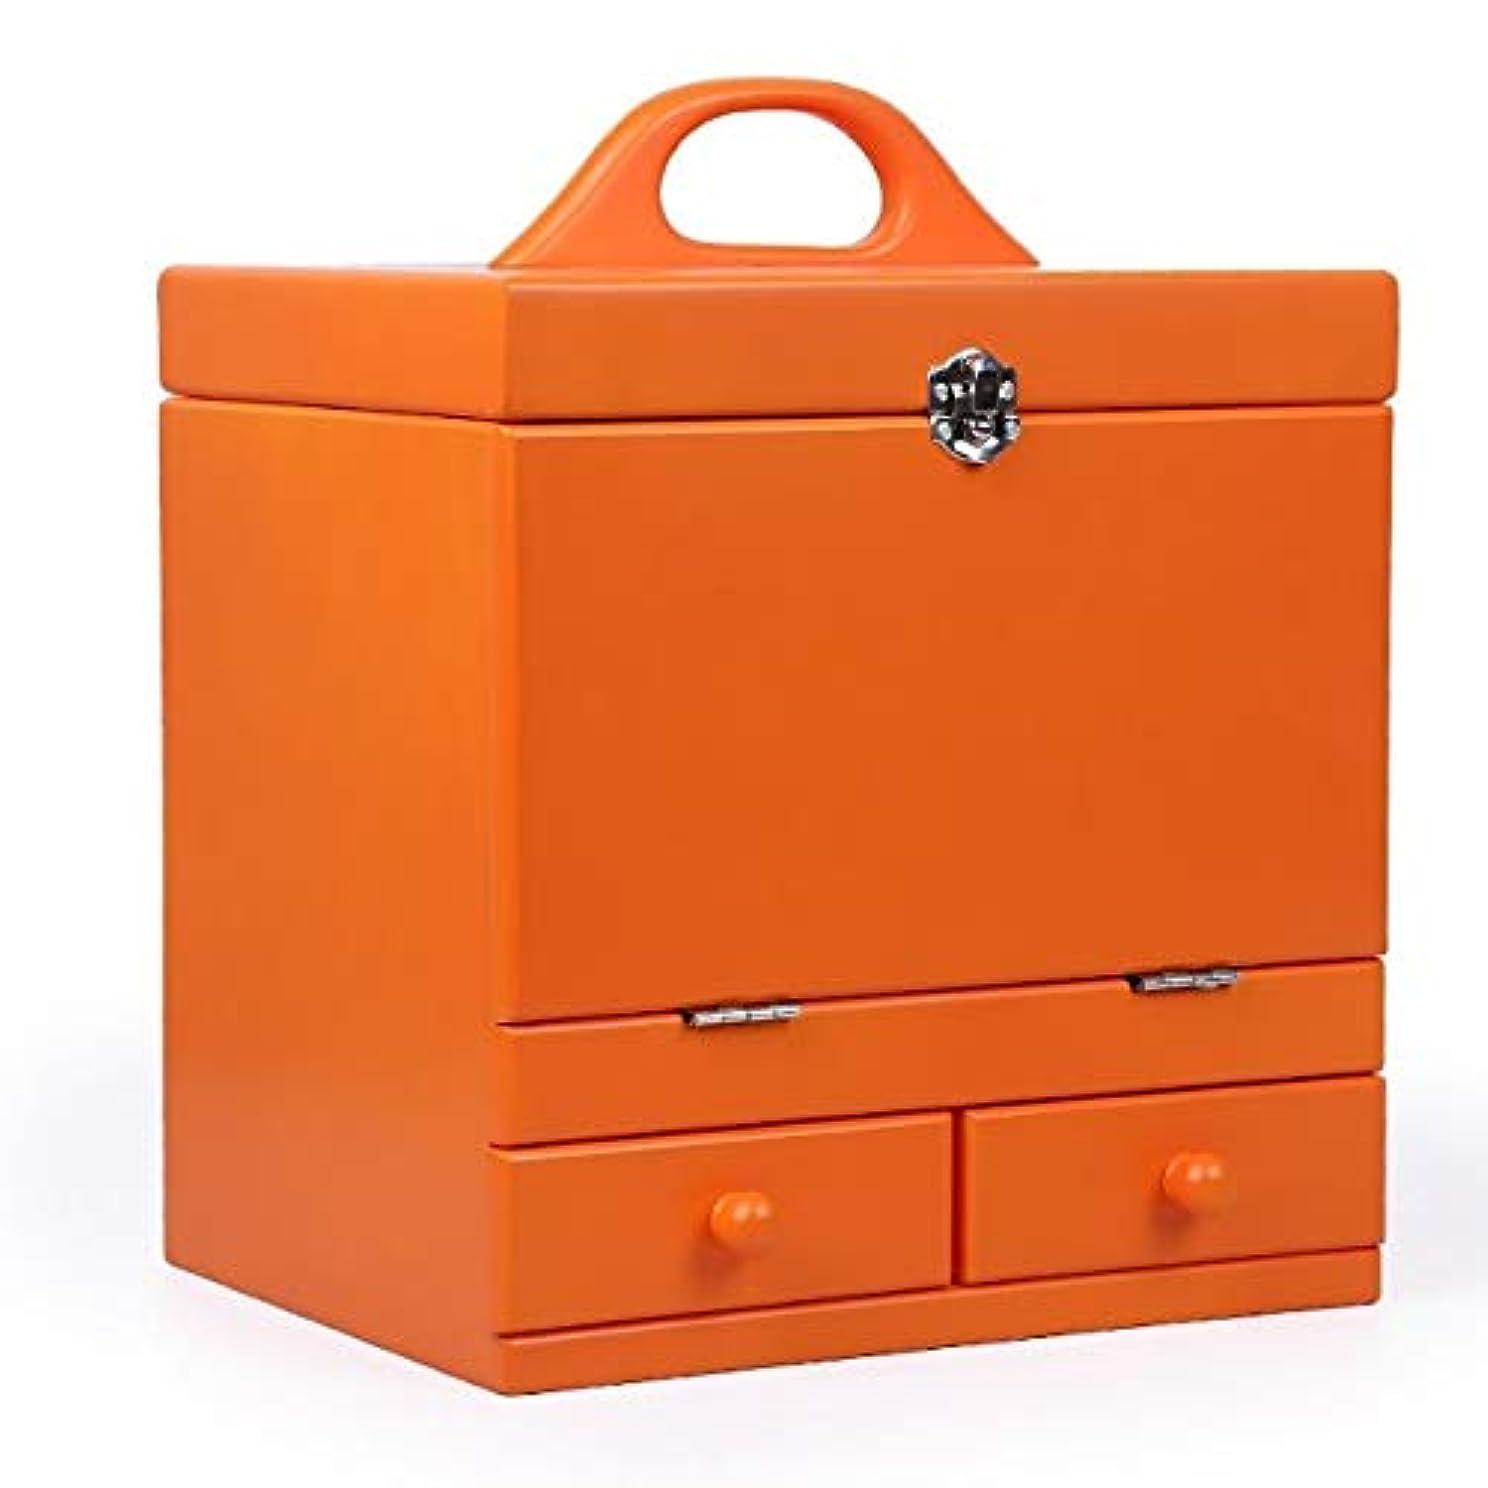 グローバル大声で脚本家化粧箱、オレンジ二重デッキヴィンテージ木製彫刻化粧品ケース、ミラー、高級ウェディングギフト、新築祝いギフト、美容ネイルジュエリー収納ボックス